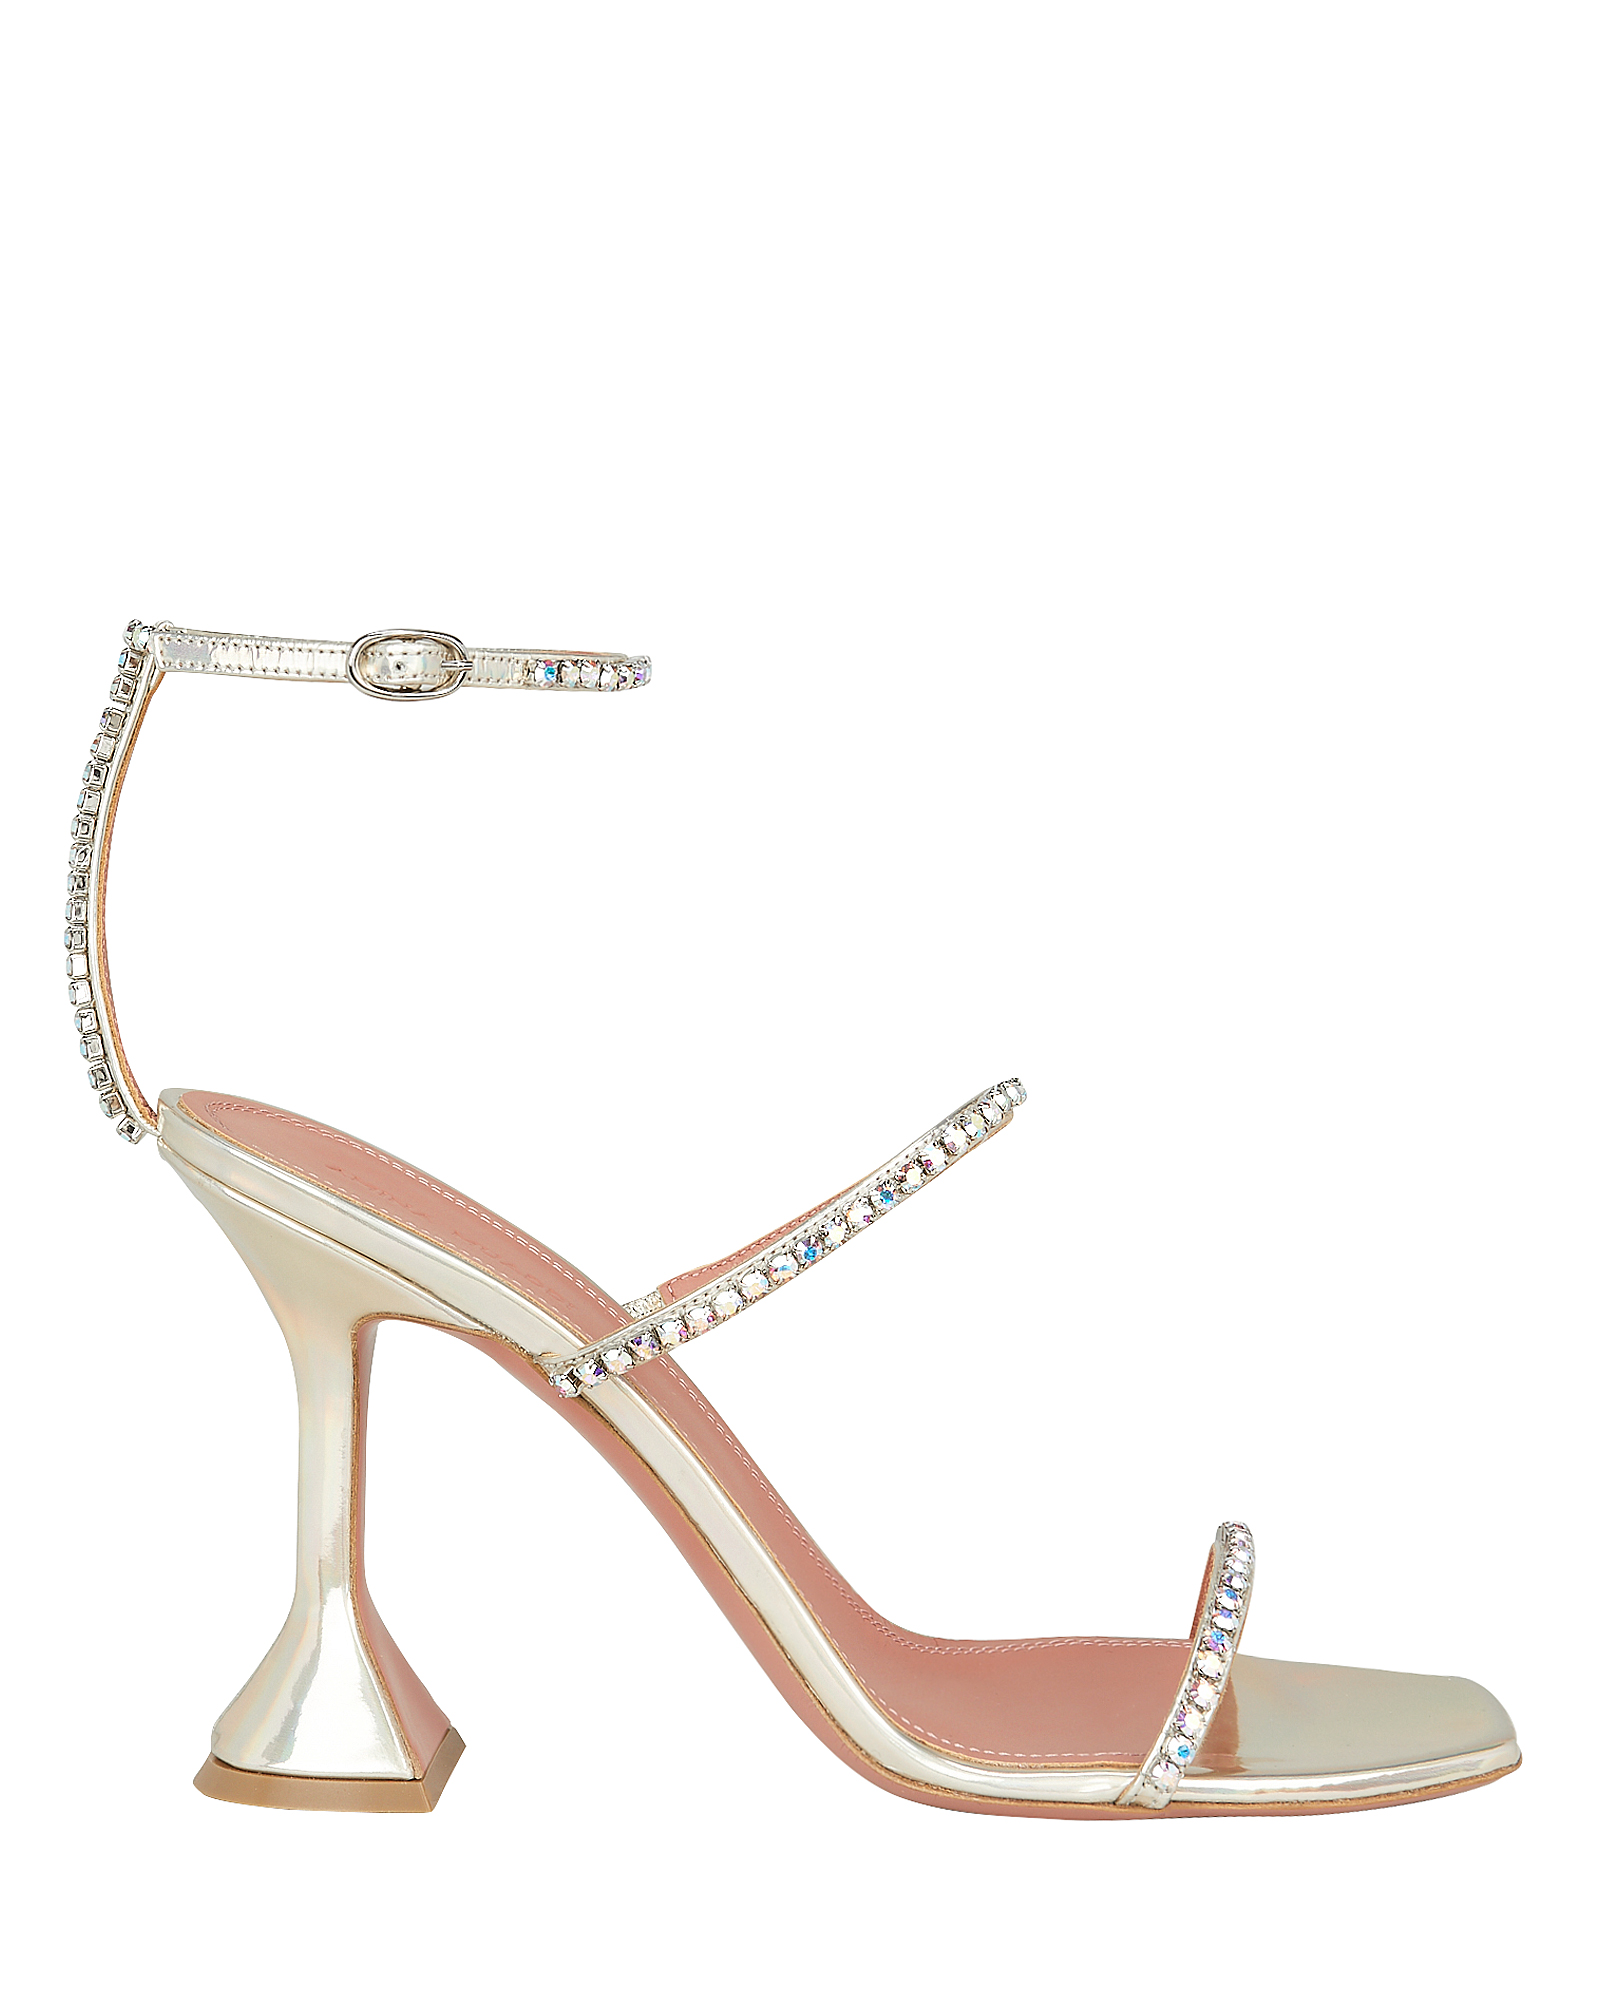 Crystal Embellished Gilda Sandals by Amina Muaddi